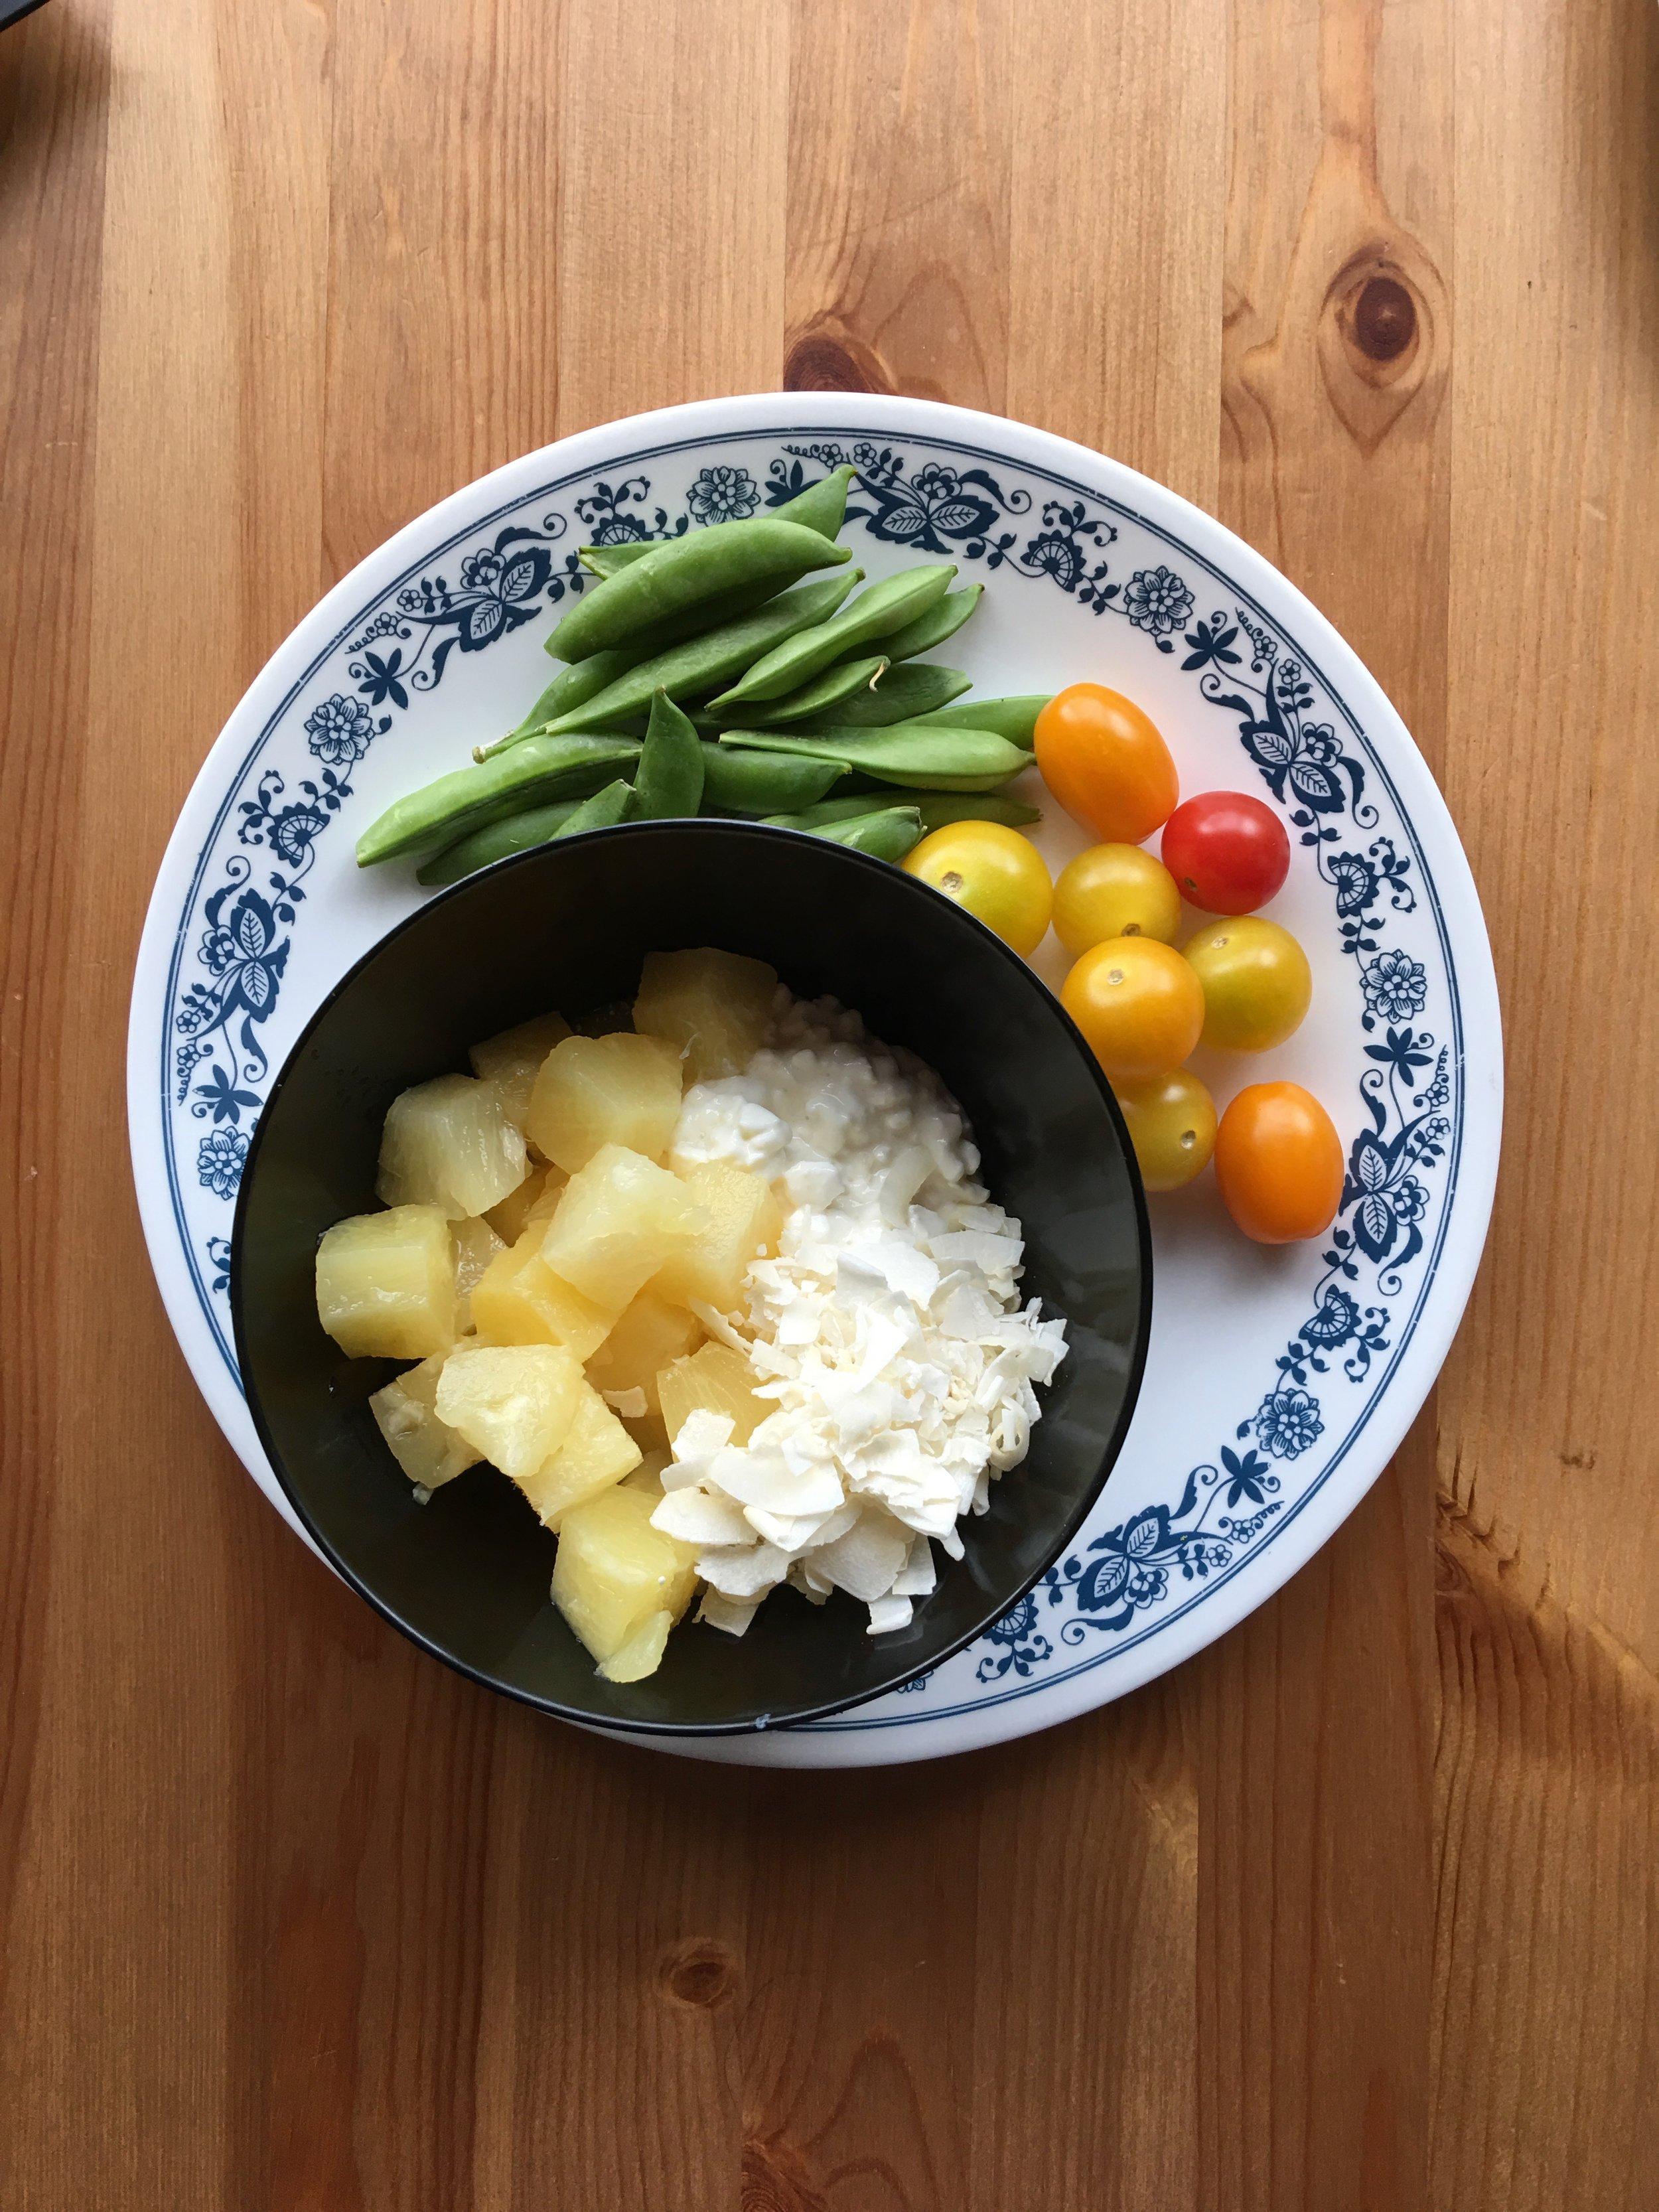 PROTEIN: 4 OZ COTTAGE CHEESE / FRUIT: 6 OZ PINEAPPLE / VEGGIE: 6 OZ SNAP PEAS & TOMATO / FAT: 0.5 OZ SHREDDED COCONUT